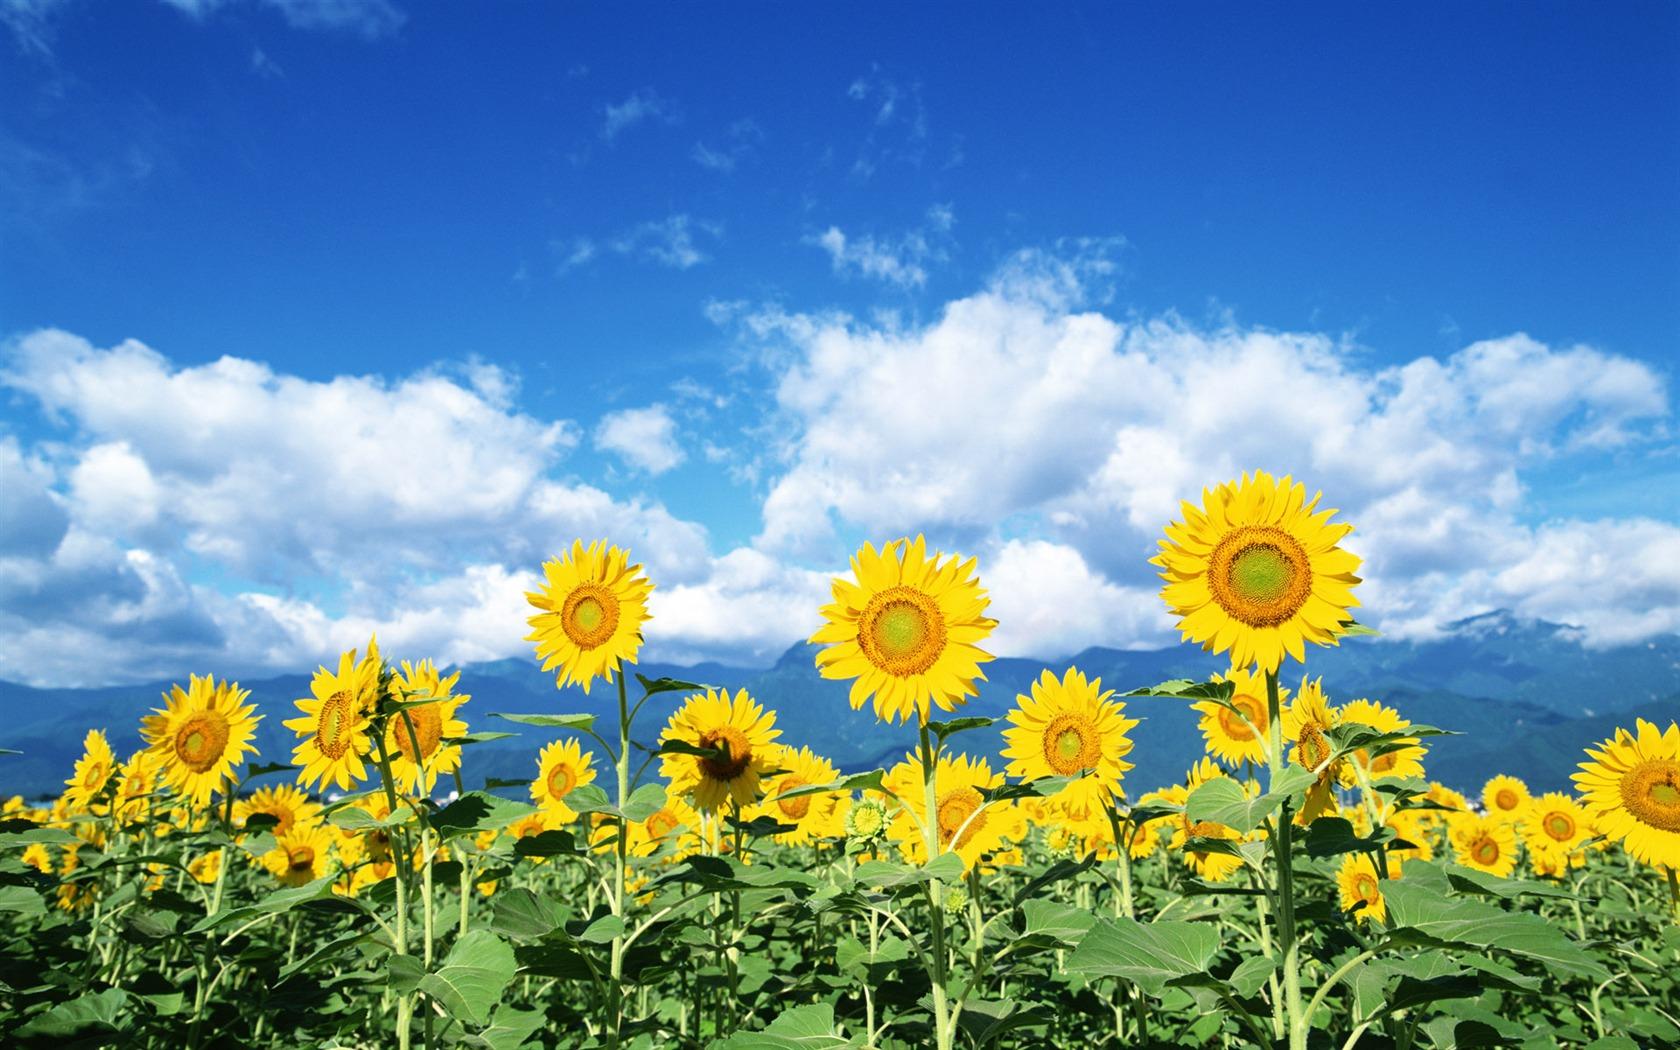 Blauer Himmel Wallpaper Blauer Himmel Sonnenblume